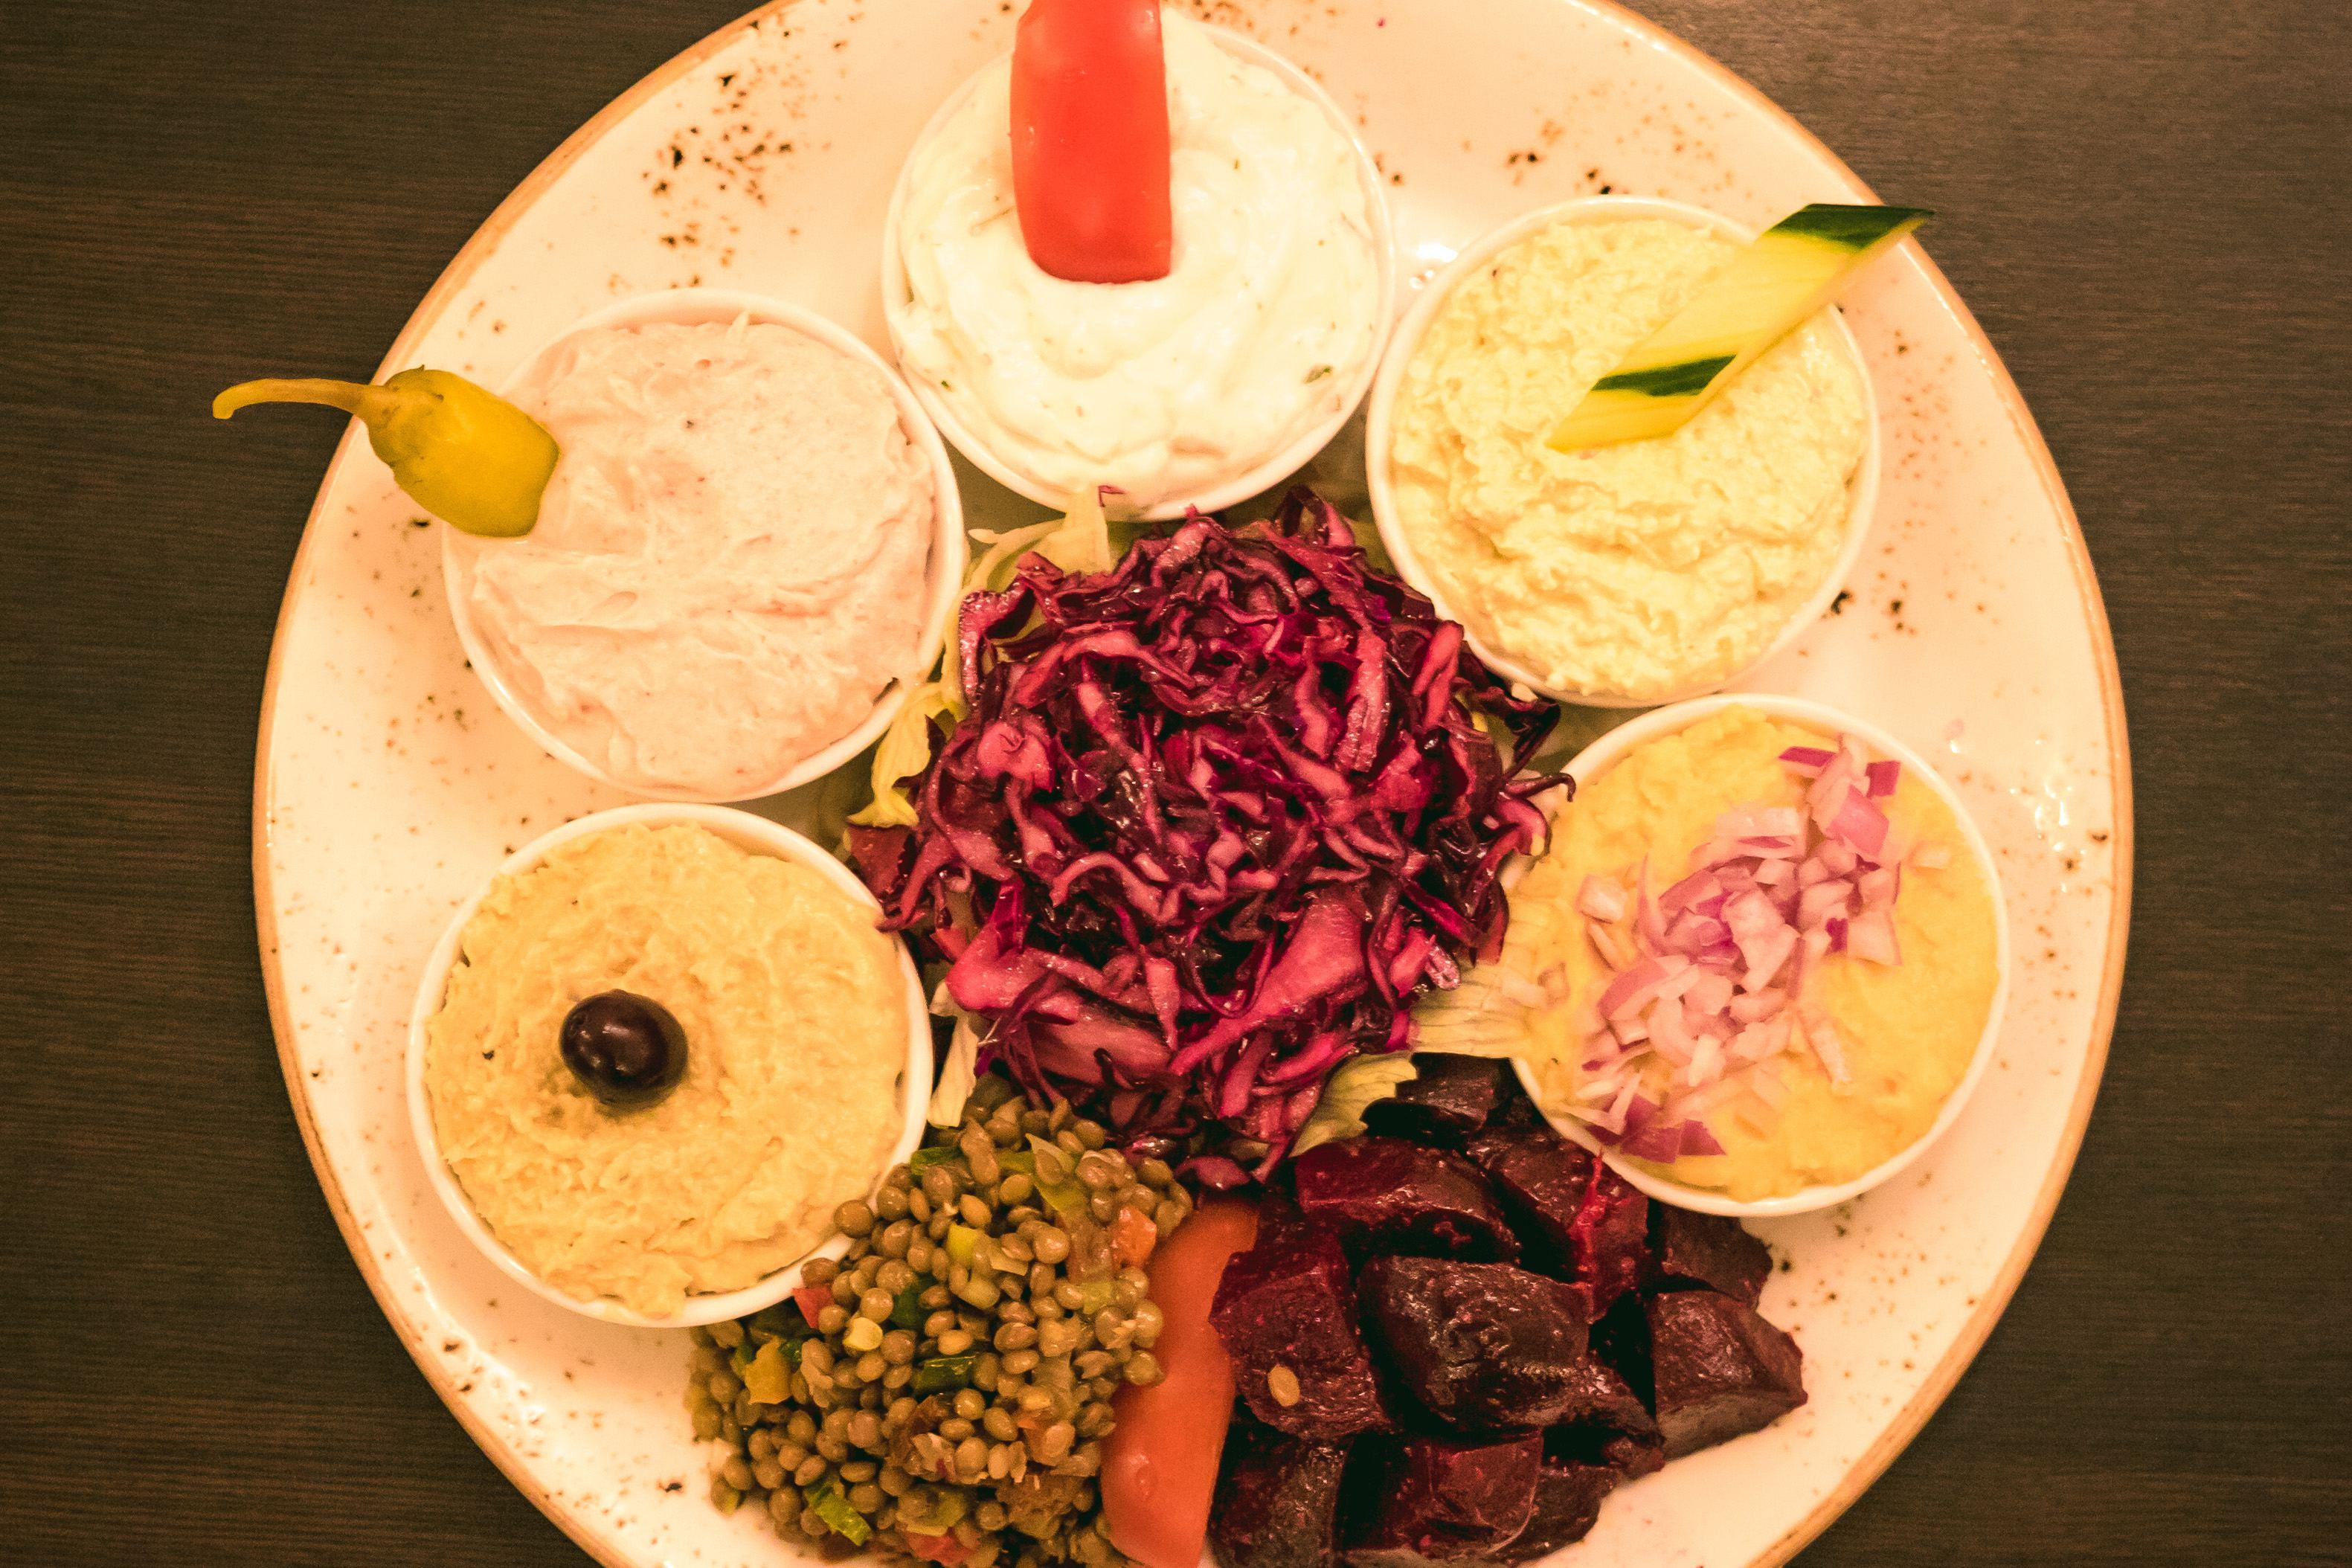 Mittagspause in Eimsbüttel – Soulfood und Superfoods